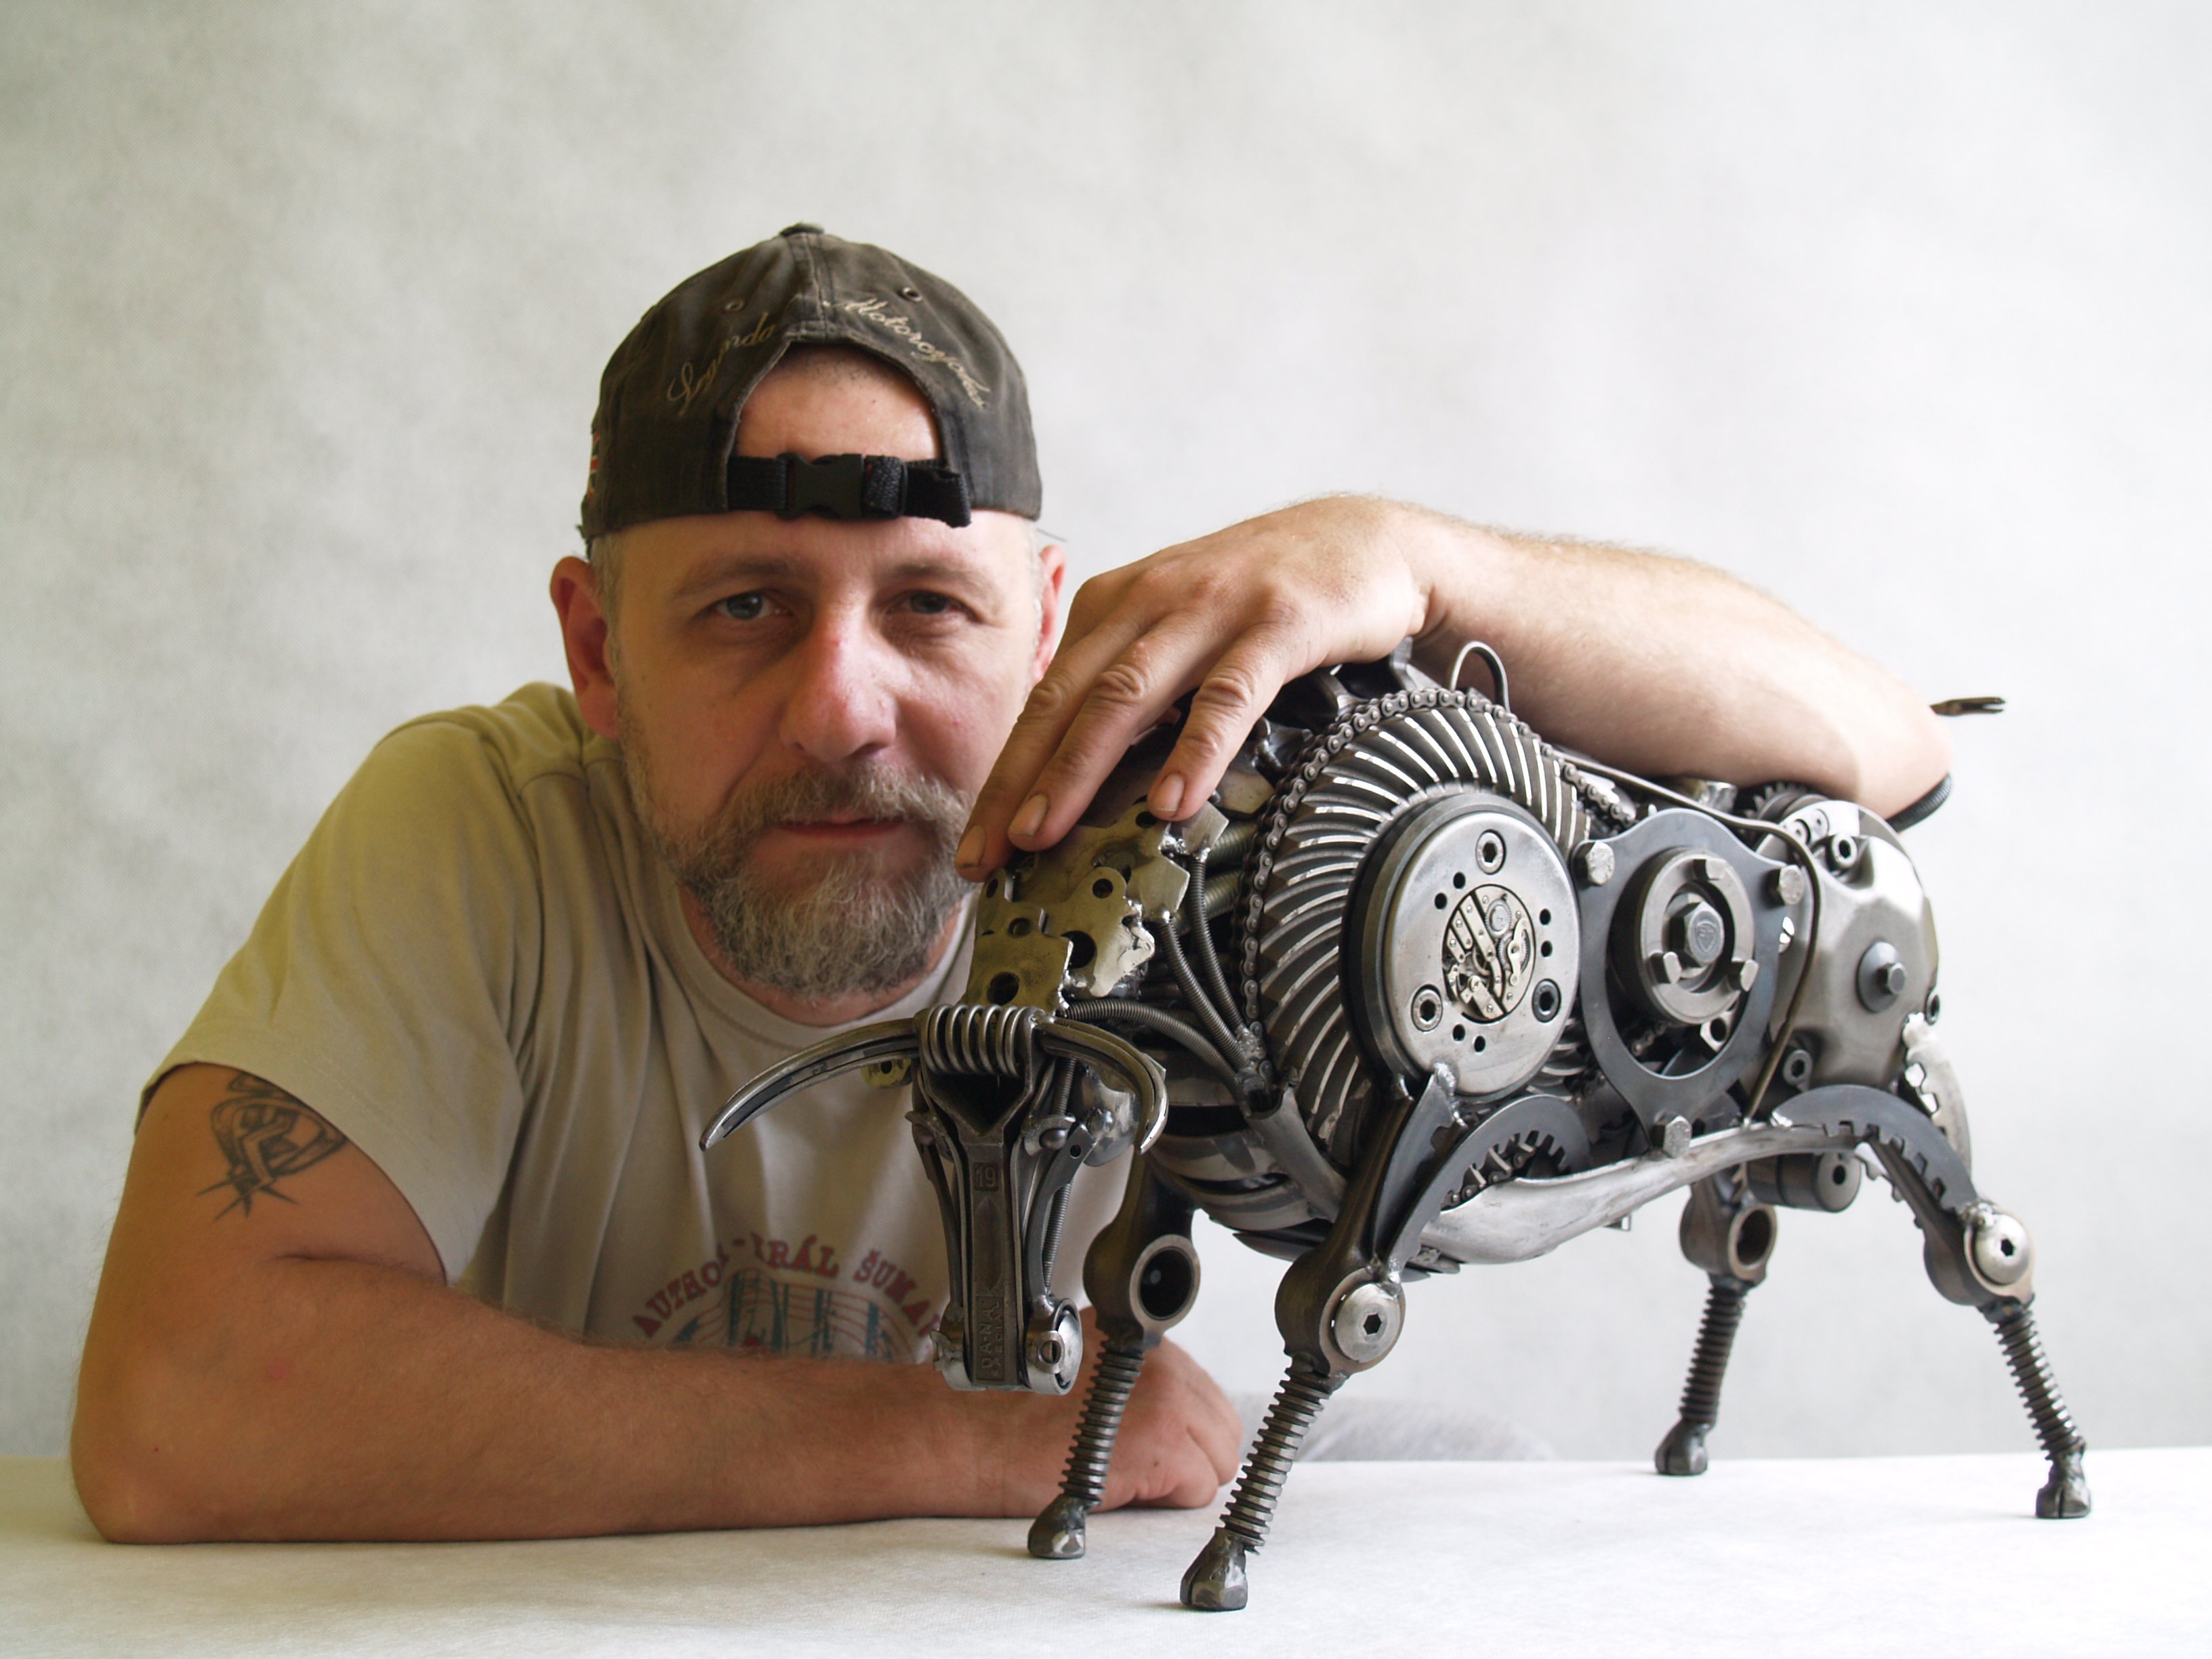 THE BULL sculpture made of scrap metal 1